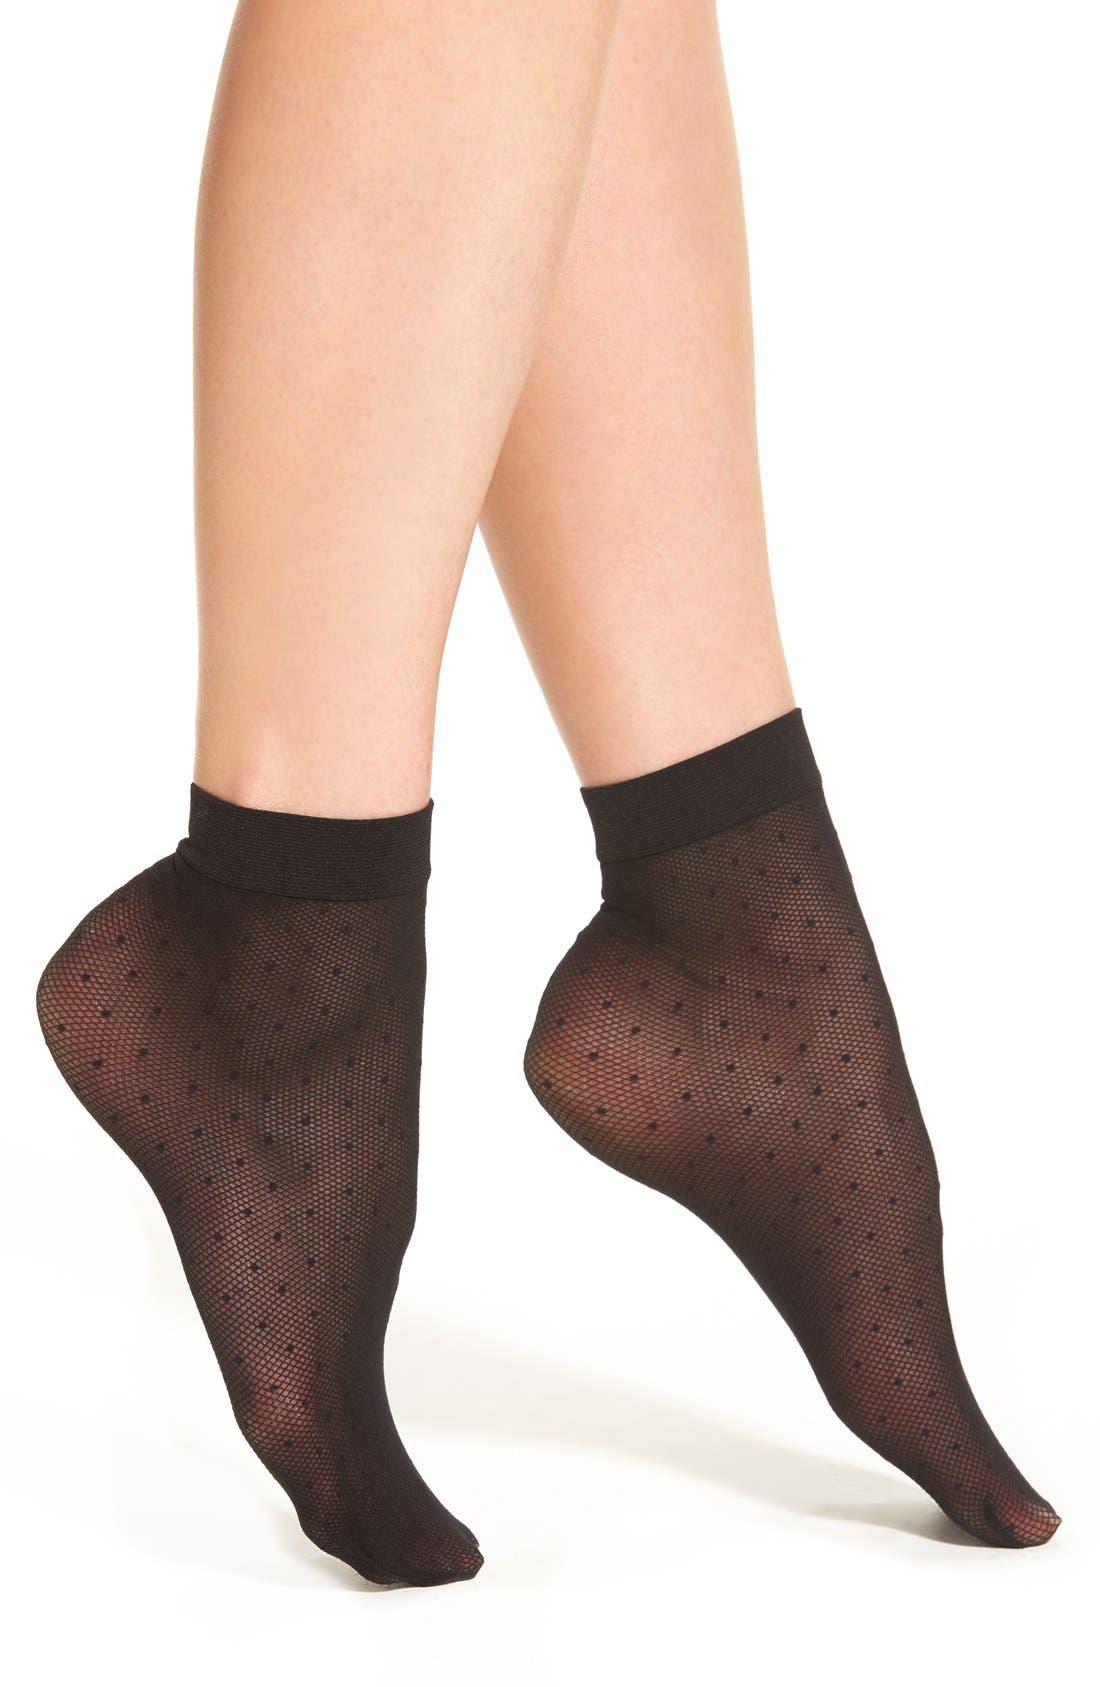 Alternate Image 1 Selected - Chelsea28 Sheer Dot Anklet Socks